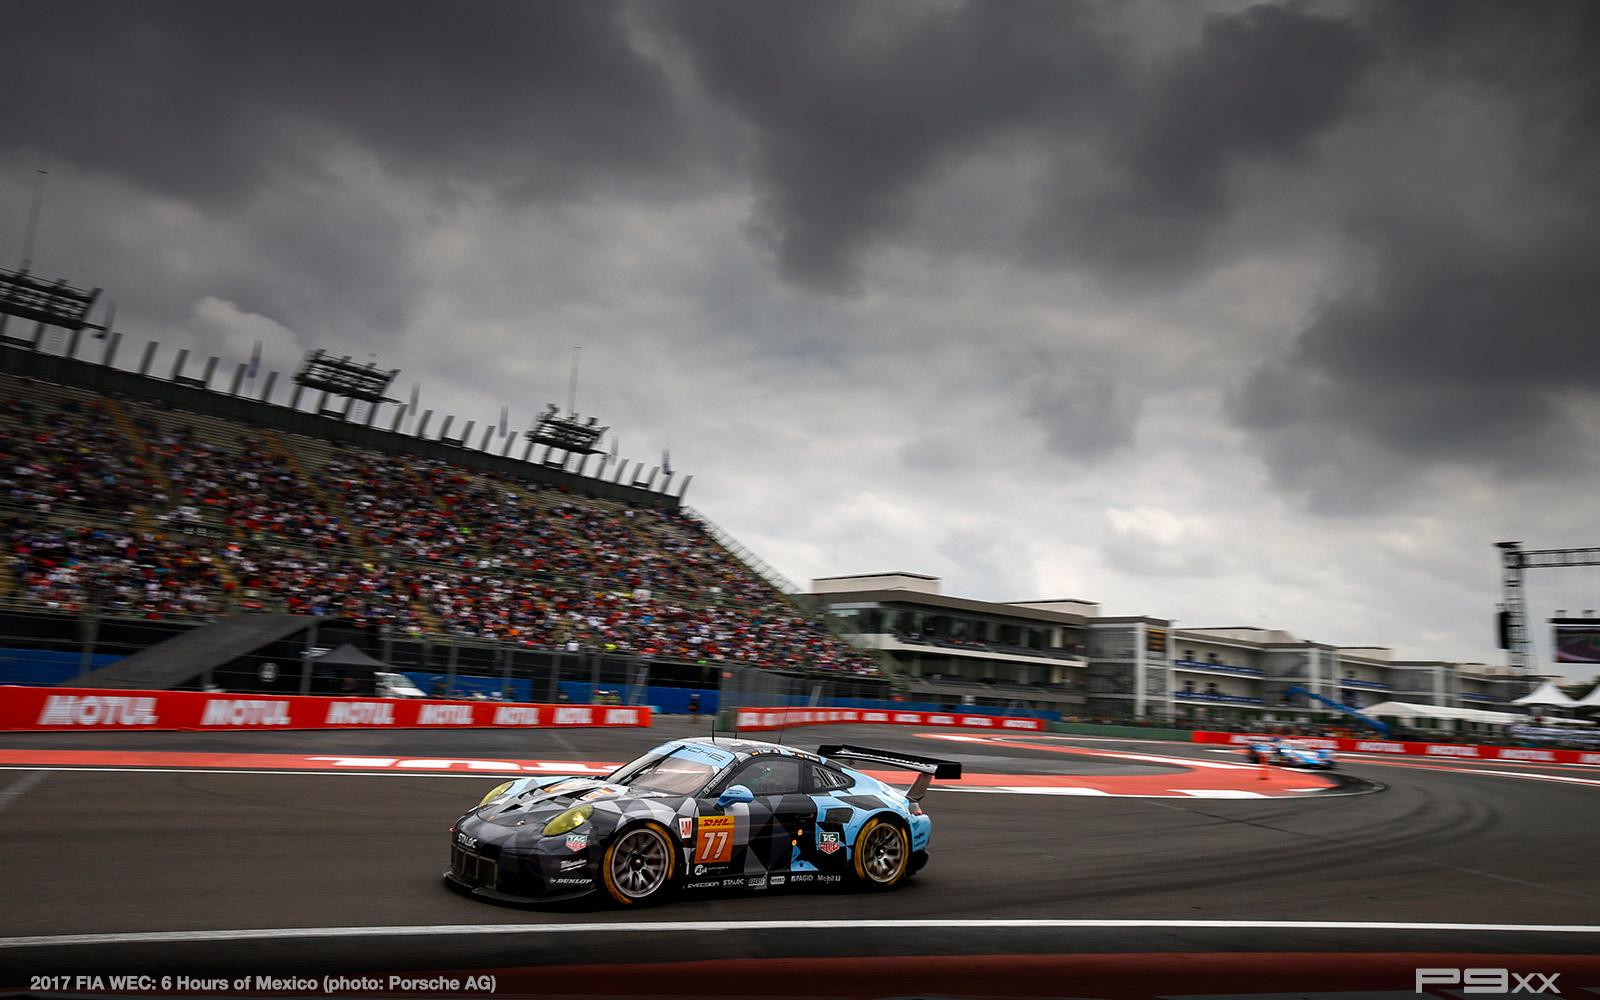 2017-FIA-WEC-6-HOURS-MEXICO-PORSCHE-1361